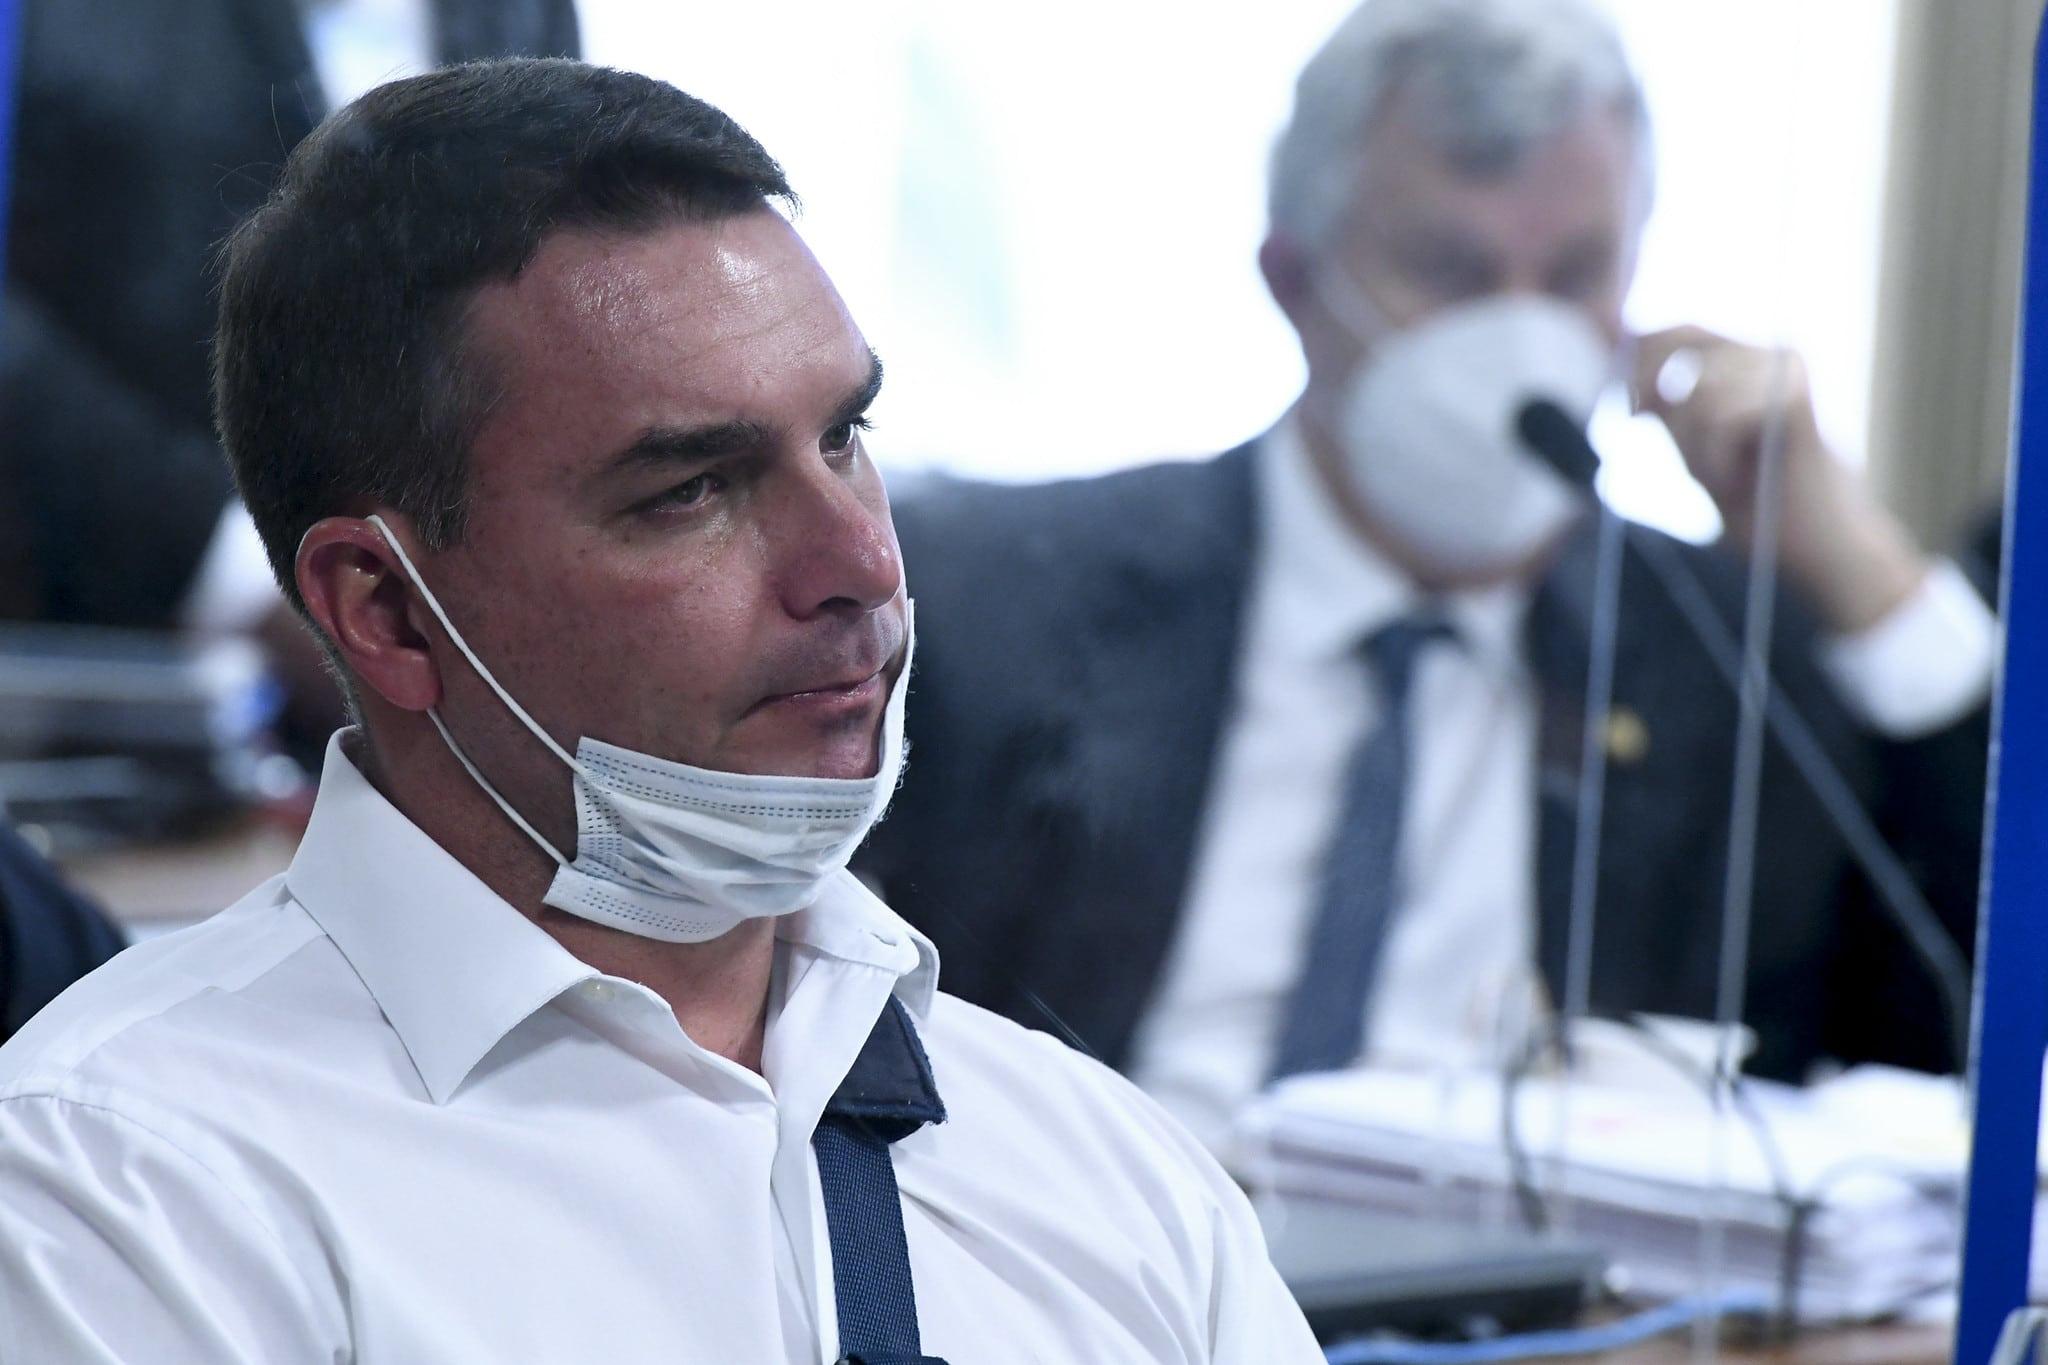 IMAGEM: Justiça Federal impõe derrota a Flávio Bolsonaro